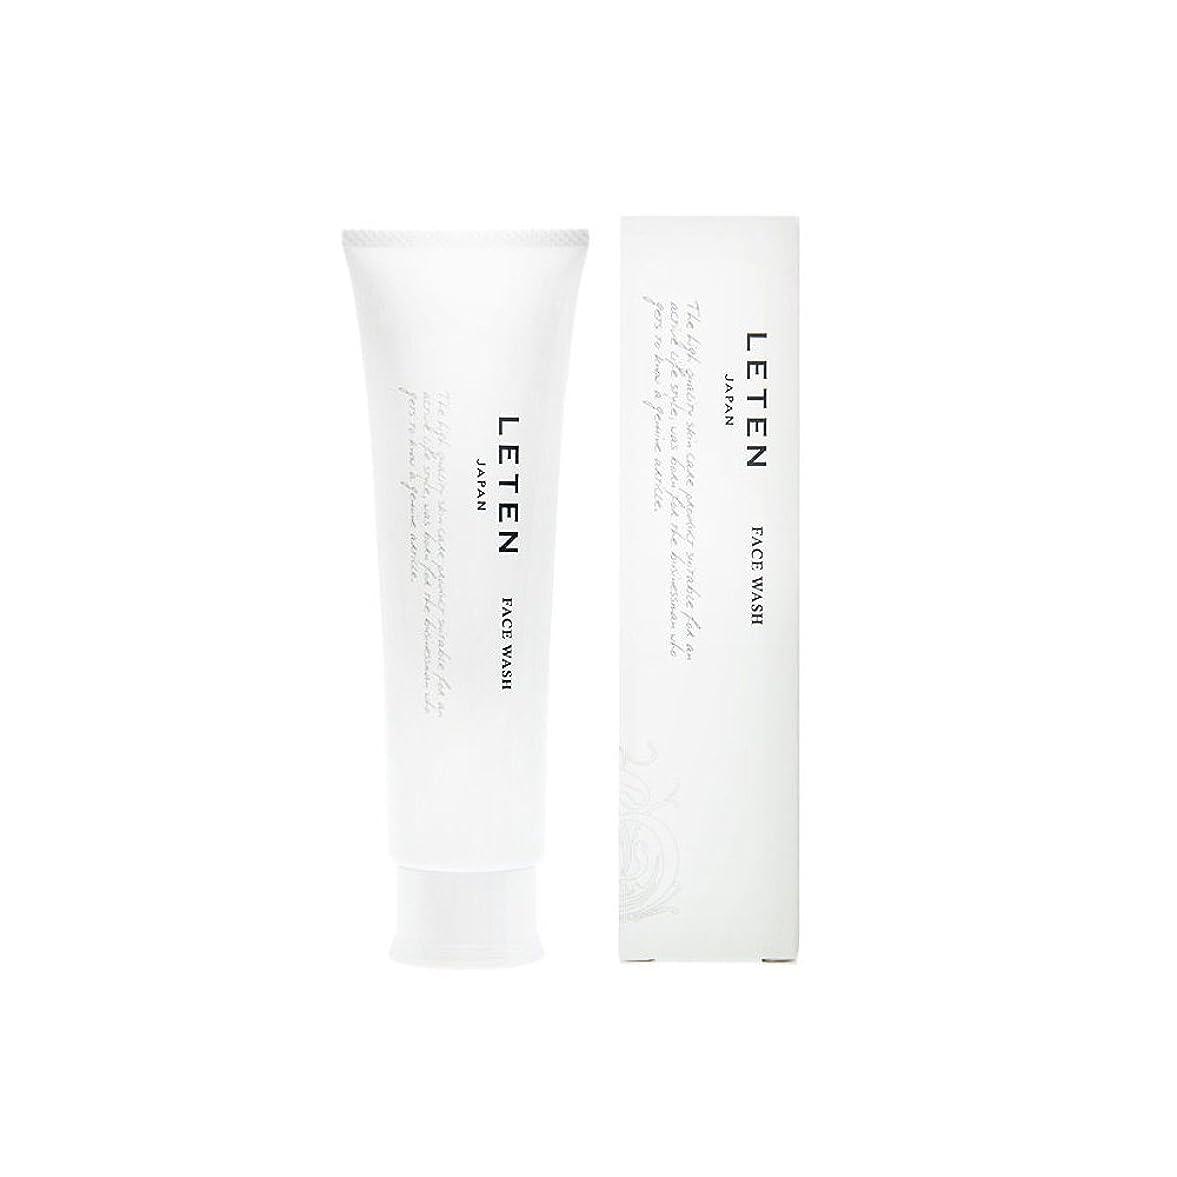 コールドボンド昇るレテン (LETEN) フェイスウォッシュ 100g 洗顔フォーム 洗顔料 敏感肌